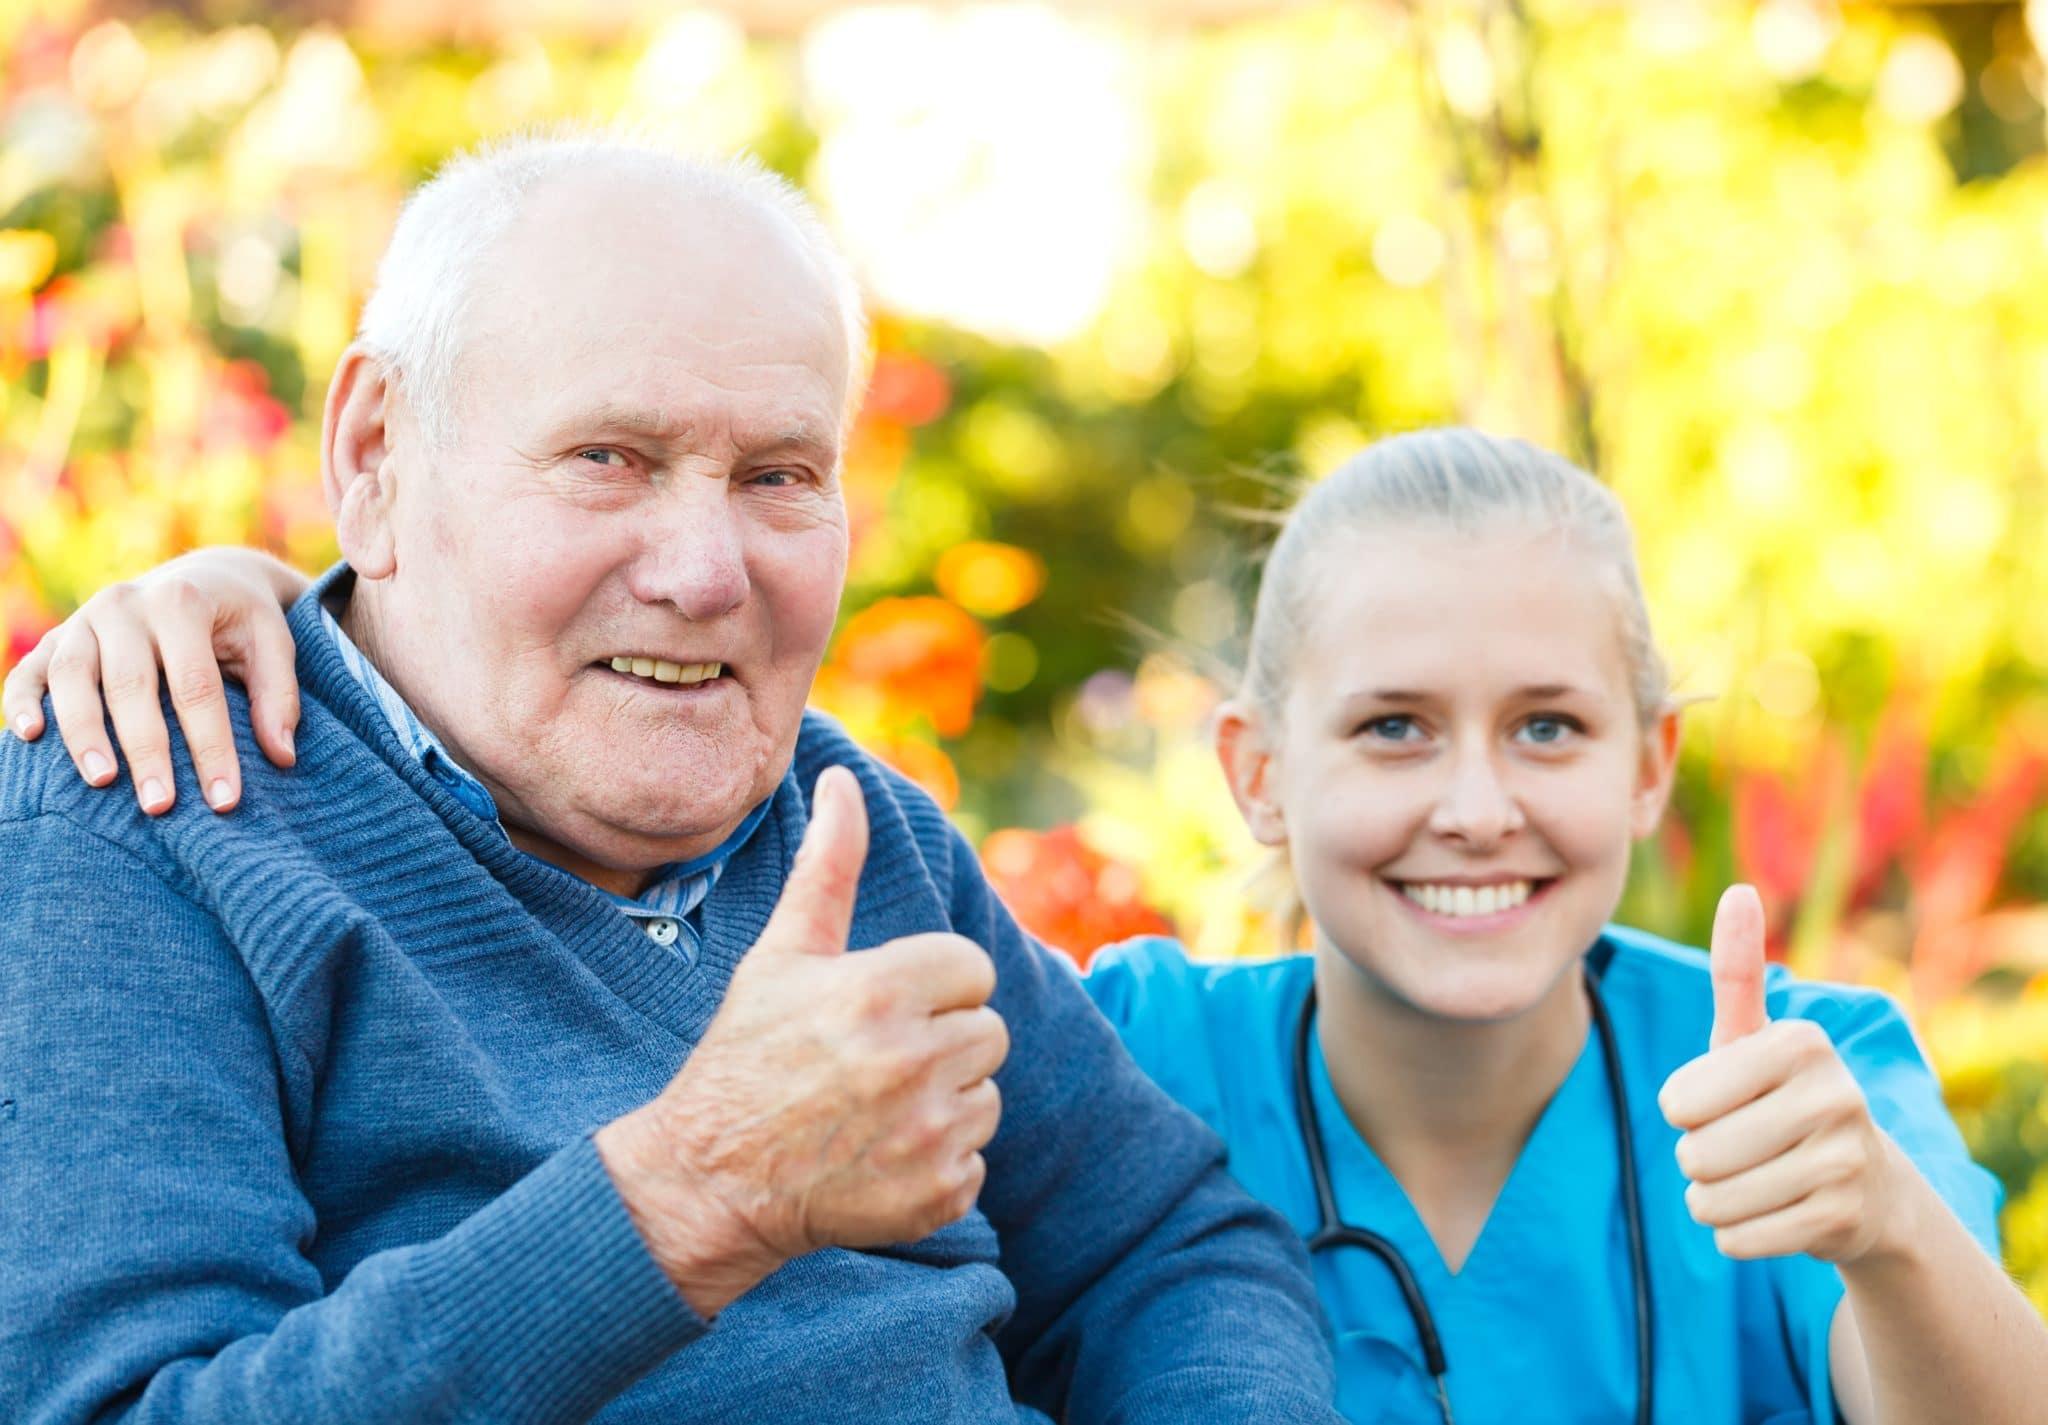 Eldre mann med ung sykepleer/lege/praksisstudent. Ser inn i kamera og holder tommelen opp. Smiler. Den ungekvinnen har armen rundt den eldre mannen